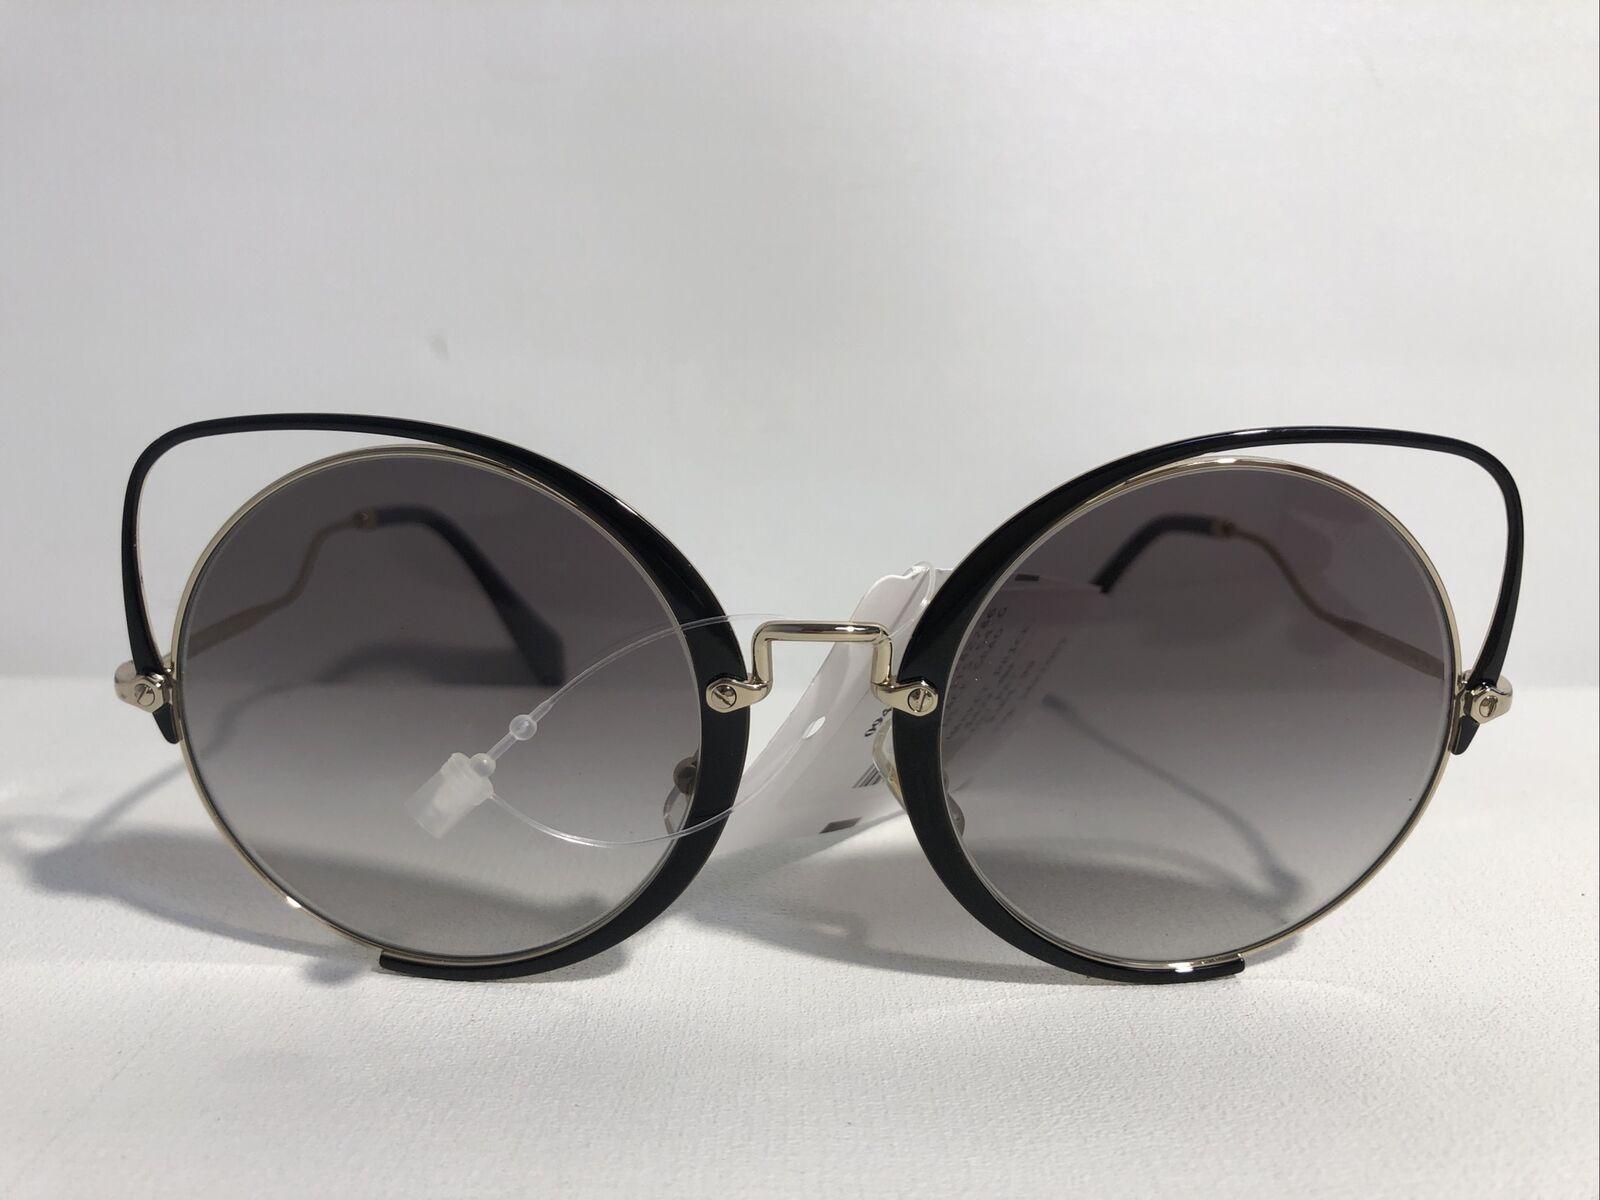 NEW MIU MIU Sunglasses SMU 51T Black/Gold 1AB-0A7 Round Cat Eye